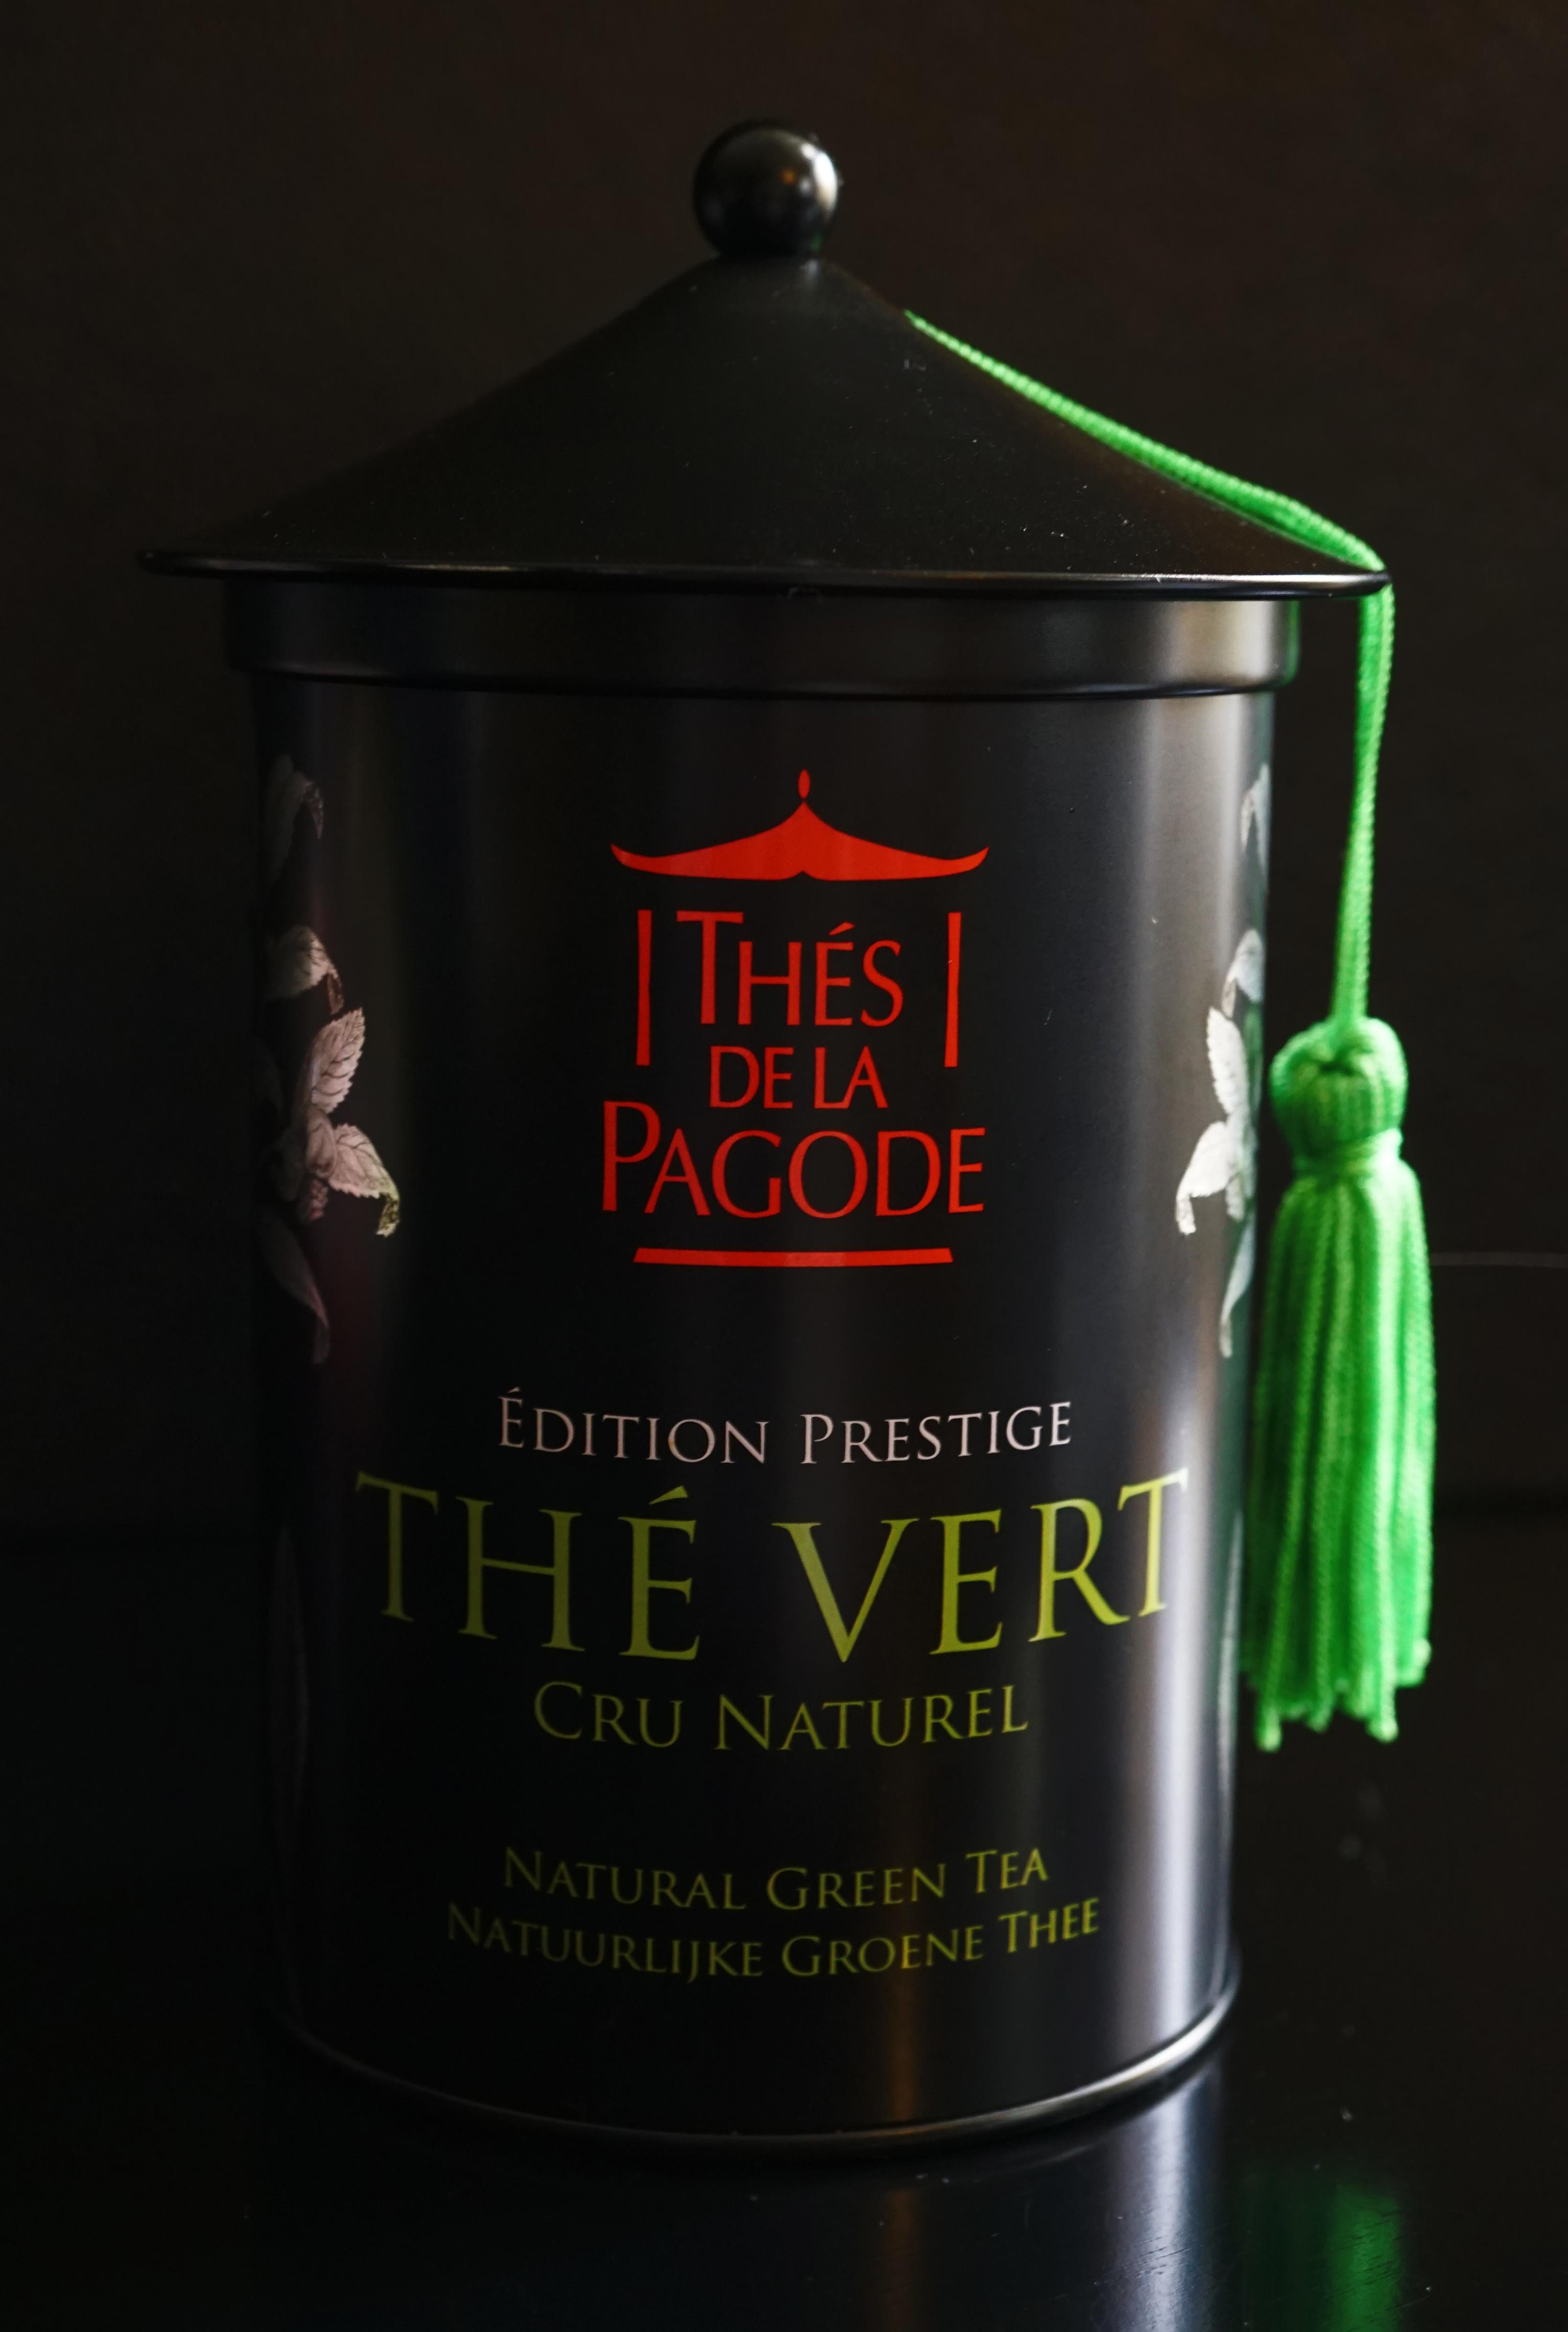 Thes de la Pagode Gunpowder Green Tea Image 1